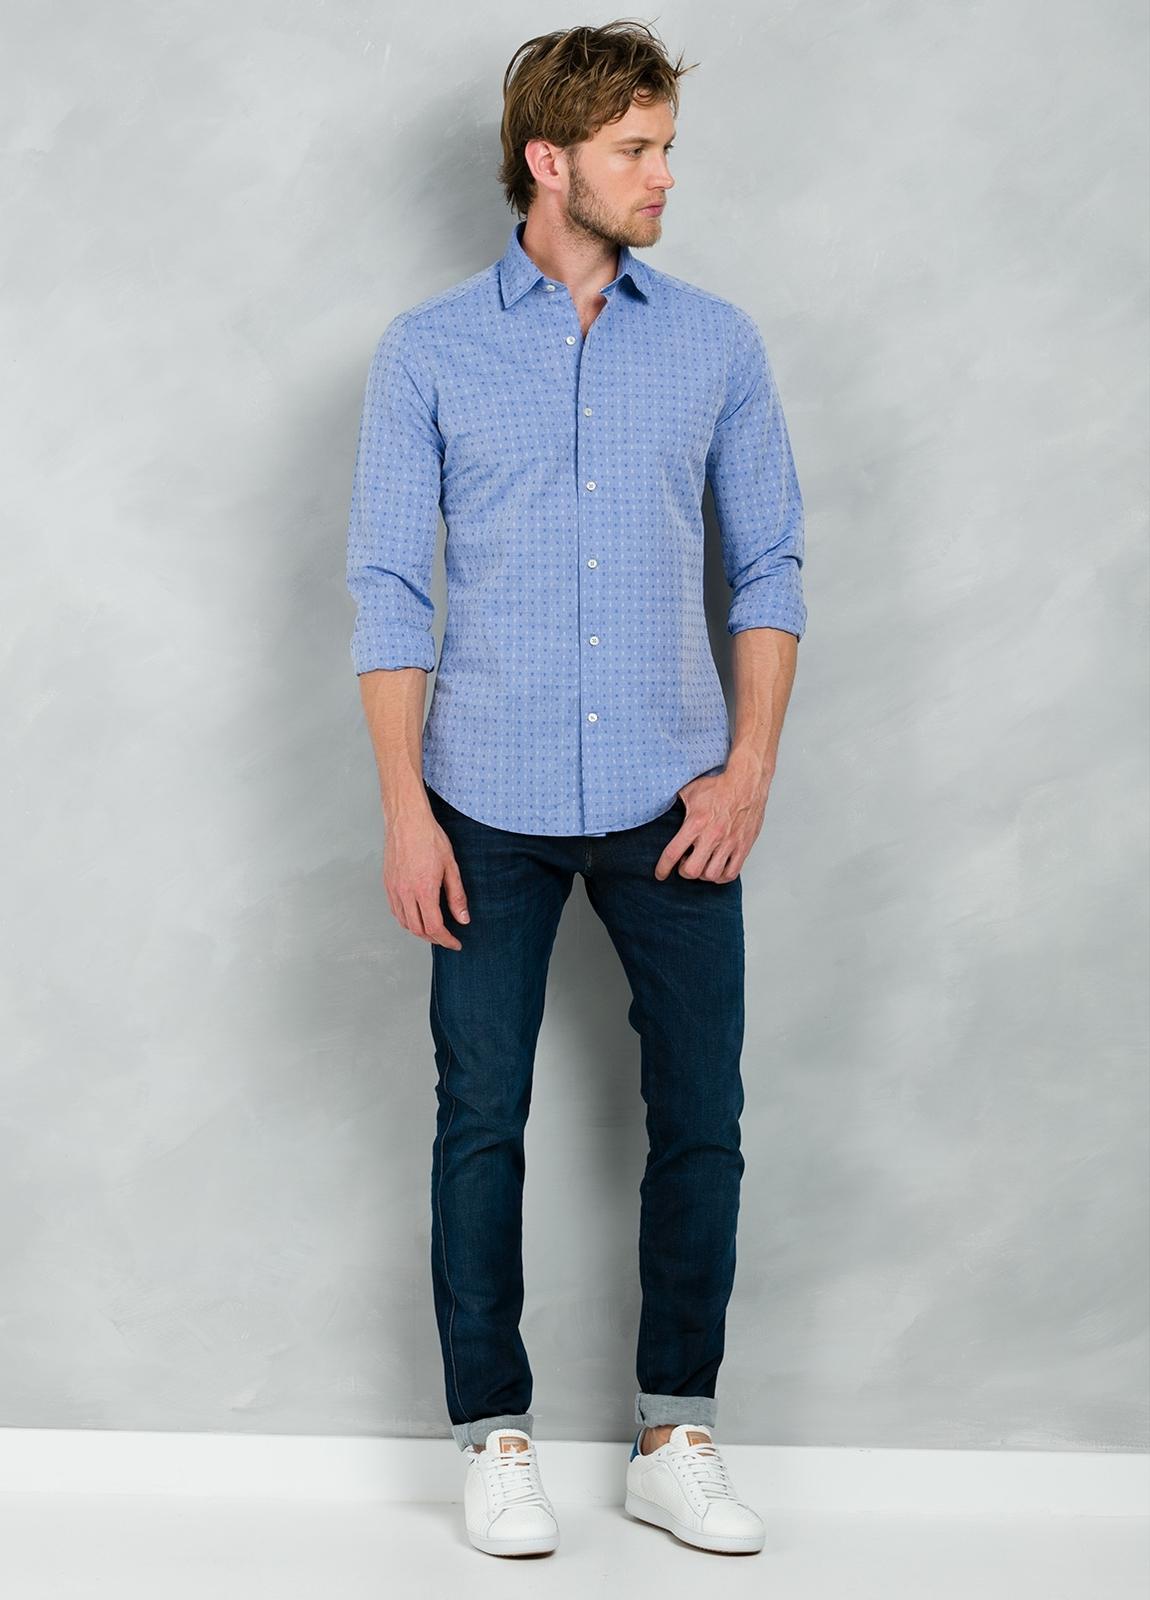 Camisa Casual Wear SLIM FIT Modelo PORTO micro dibujo color azul, 100% Algodón.